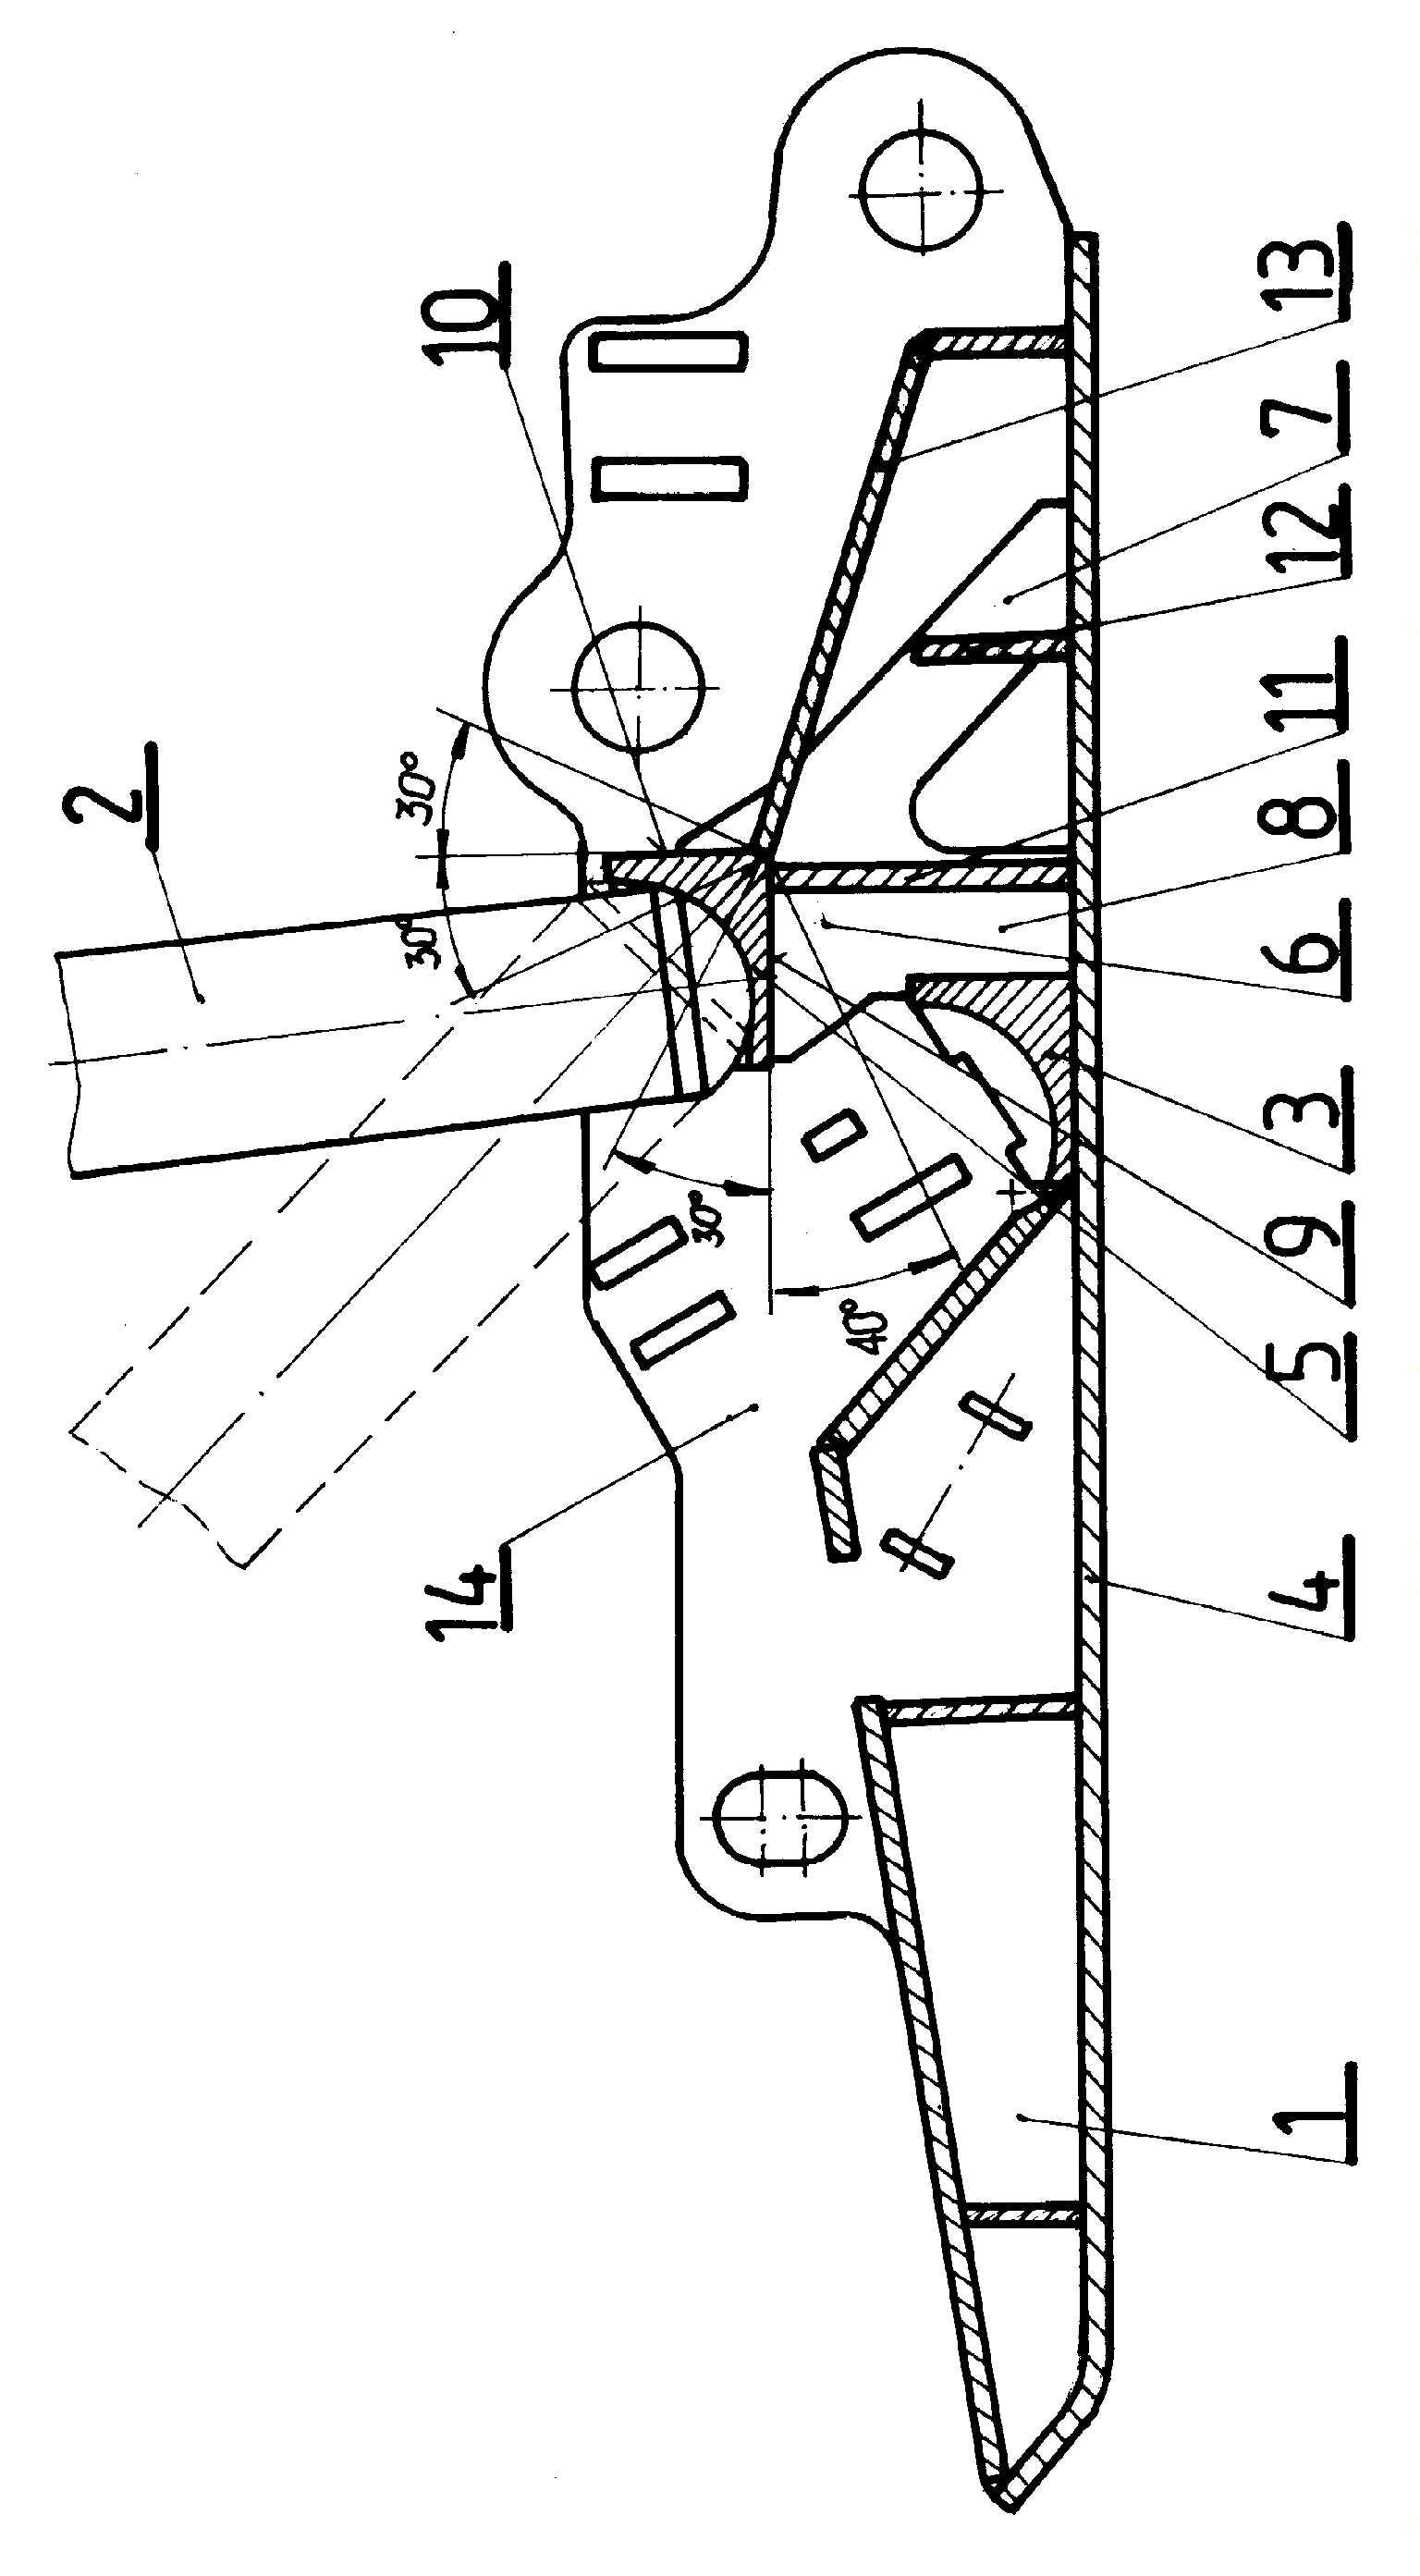 Spągnica górniczej zmechanizowanej obudowy ścianowej